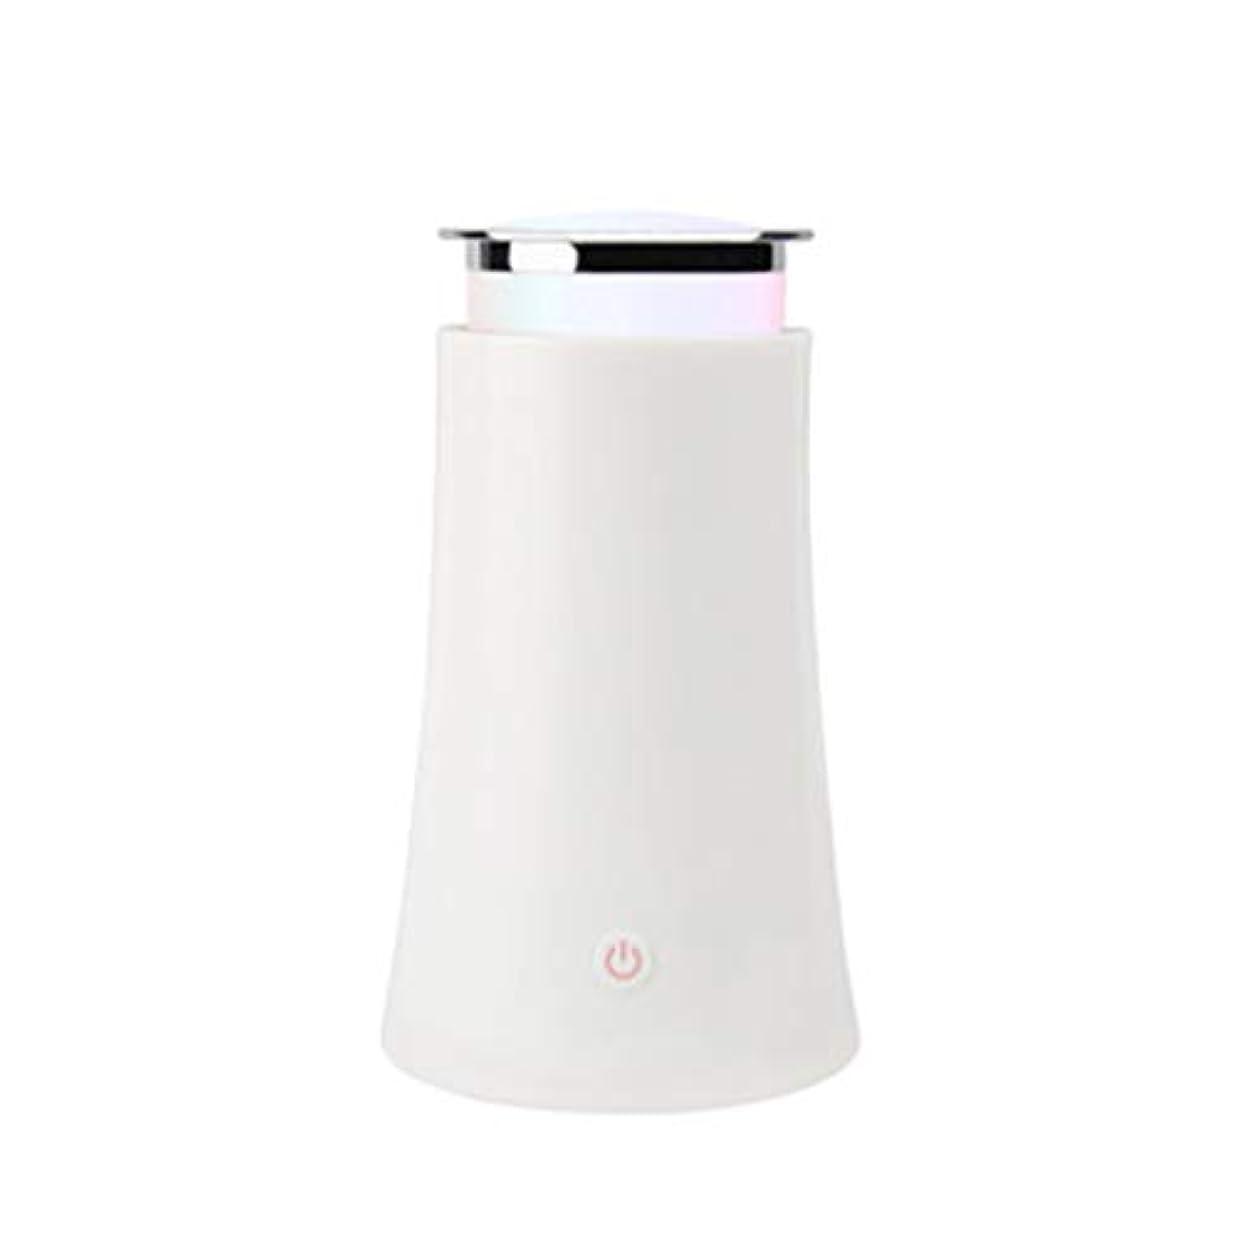 サーキュレーション豊かにするナビゲーションサイレントカラースプレー機超音波加湿器プラグイン加湿器香機世帯 (Color : White)